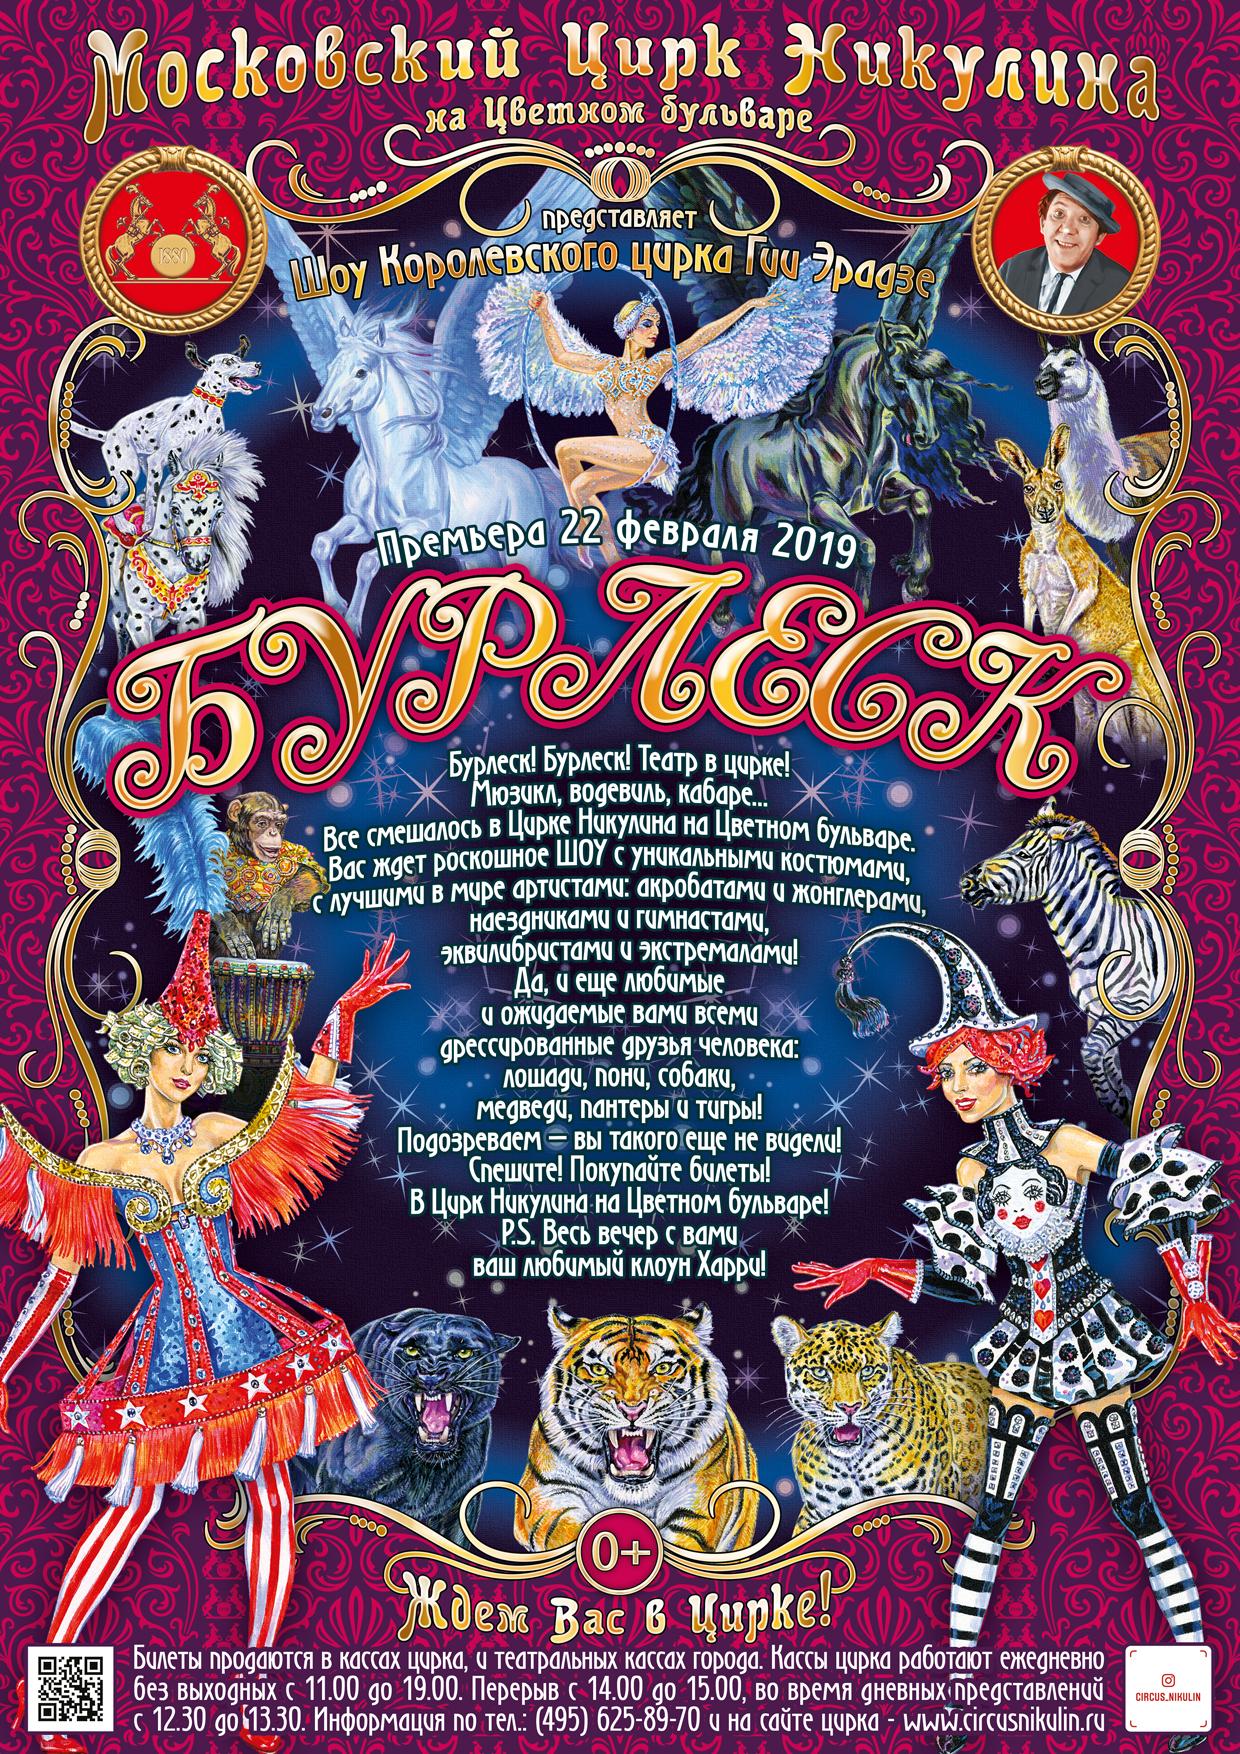 Где можно купить билеты в цирк в москве одесса кино кривой рог сеансы и стоимость билетов